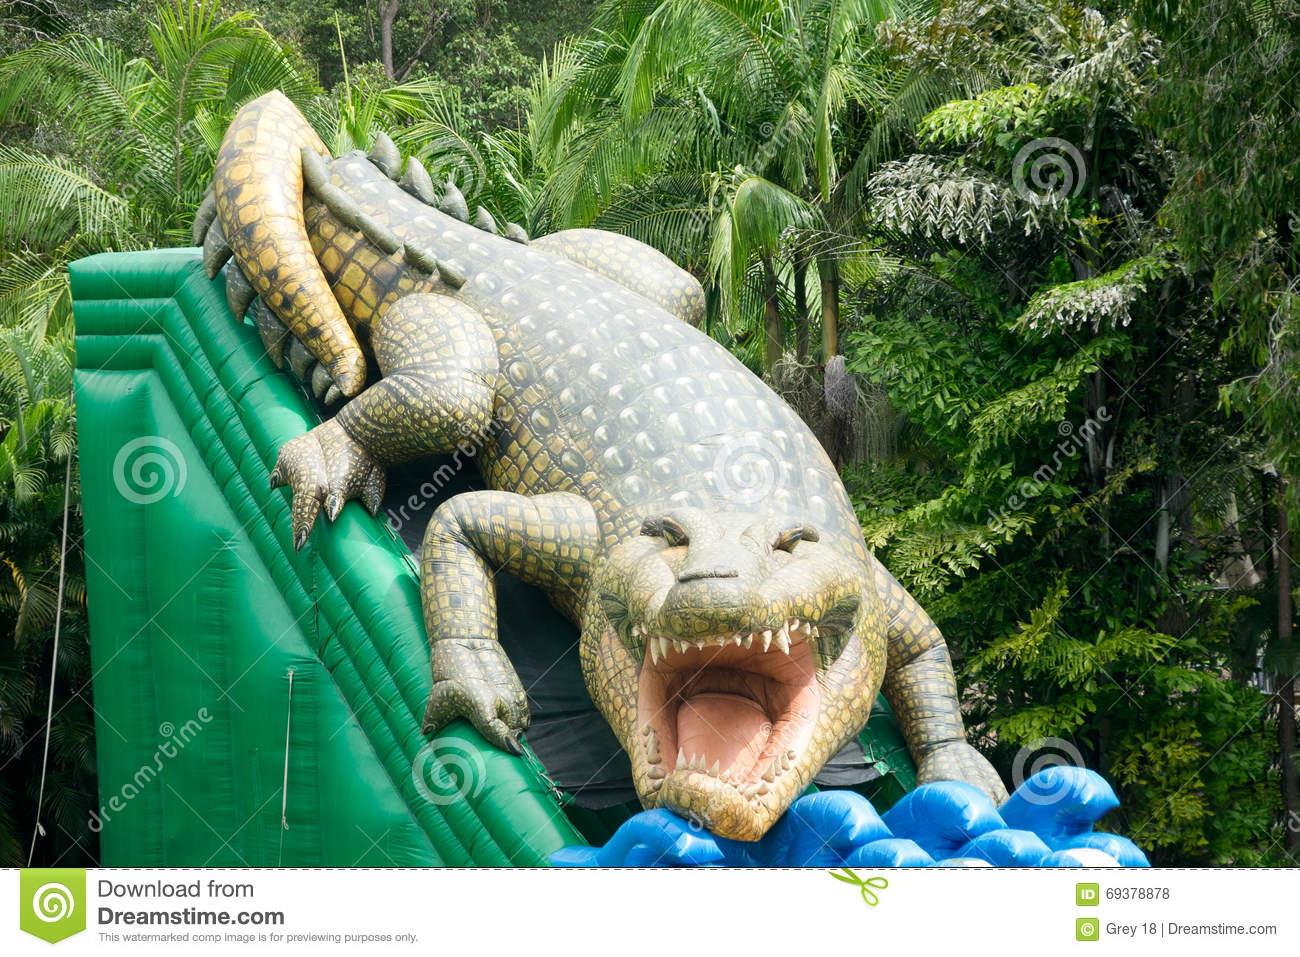 Das Aufblasbare Krokodil Der Kinder Stockfoto - Bild Von ganzes Krokodil Bilder Für Kinder